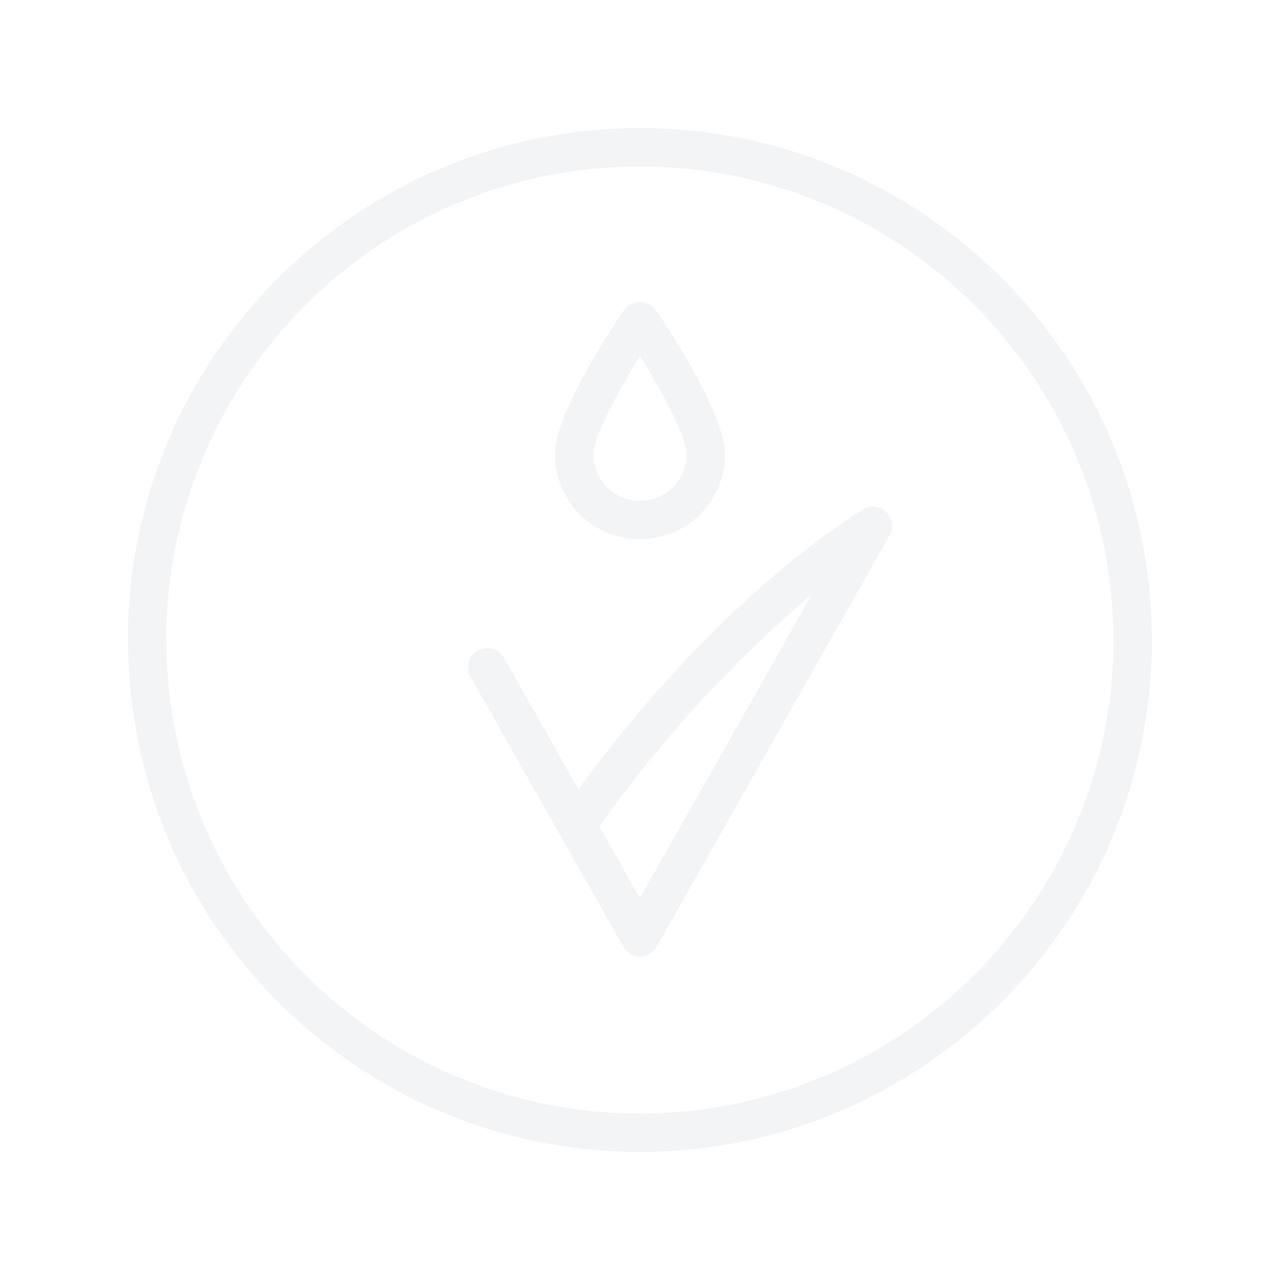 Gucci Guilty Absolute Pour Femme 90ml Eau De Parfum Gift Set Loverte